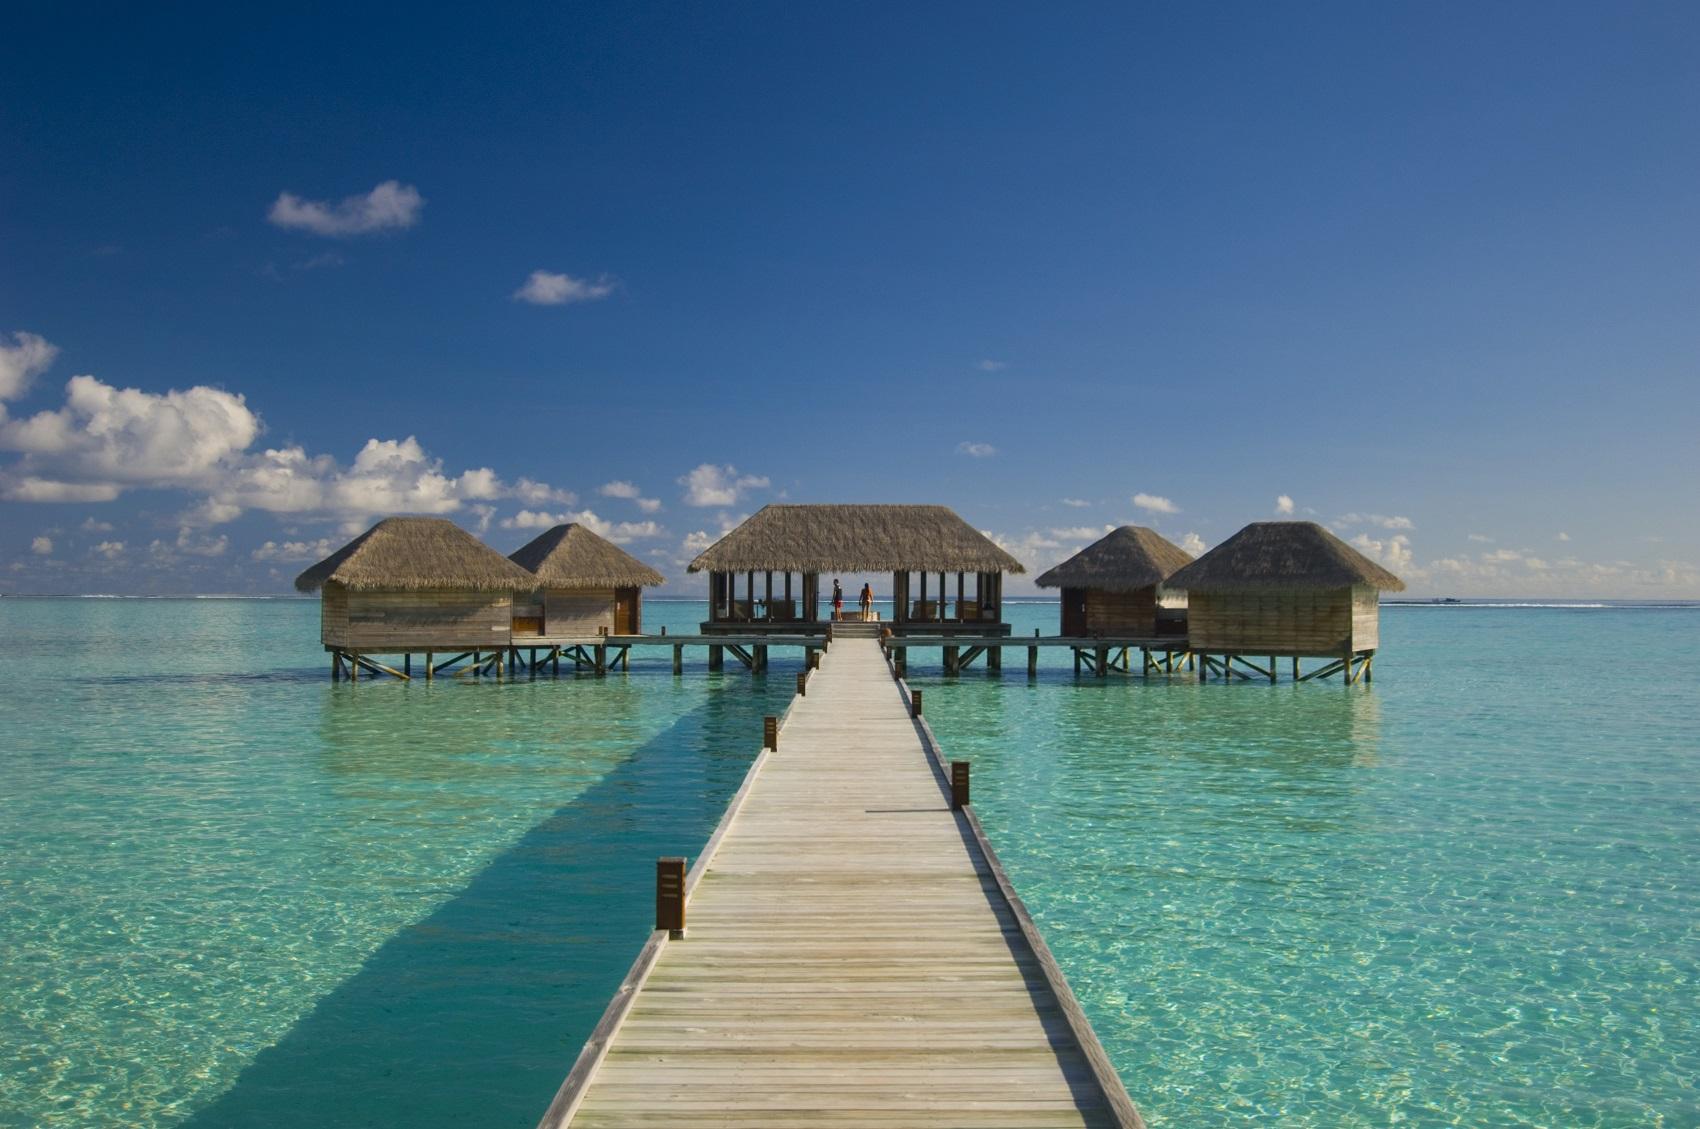 huts-in-the-maldives